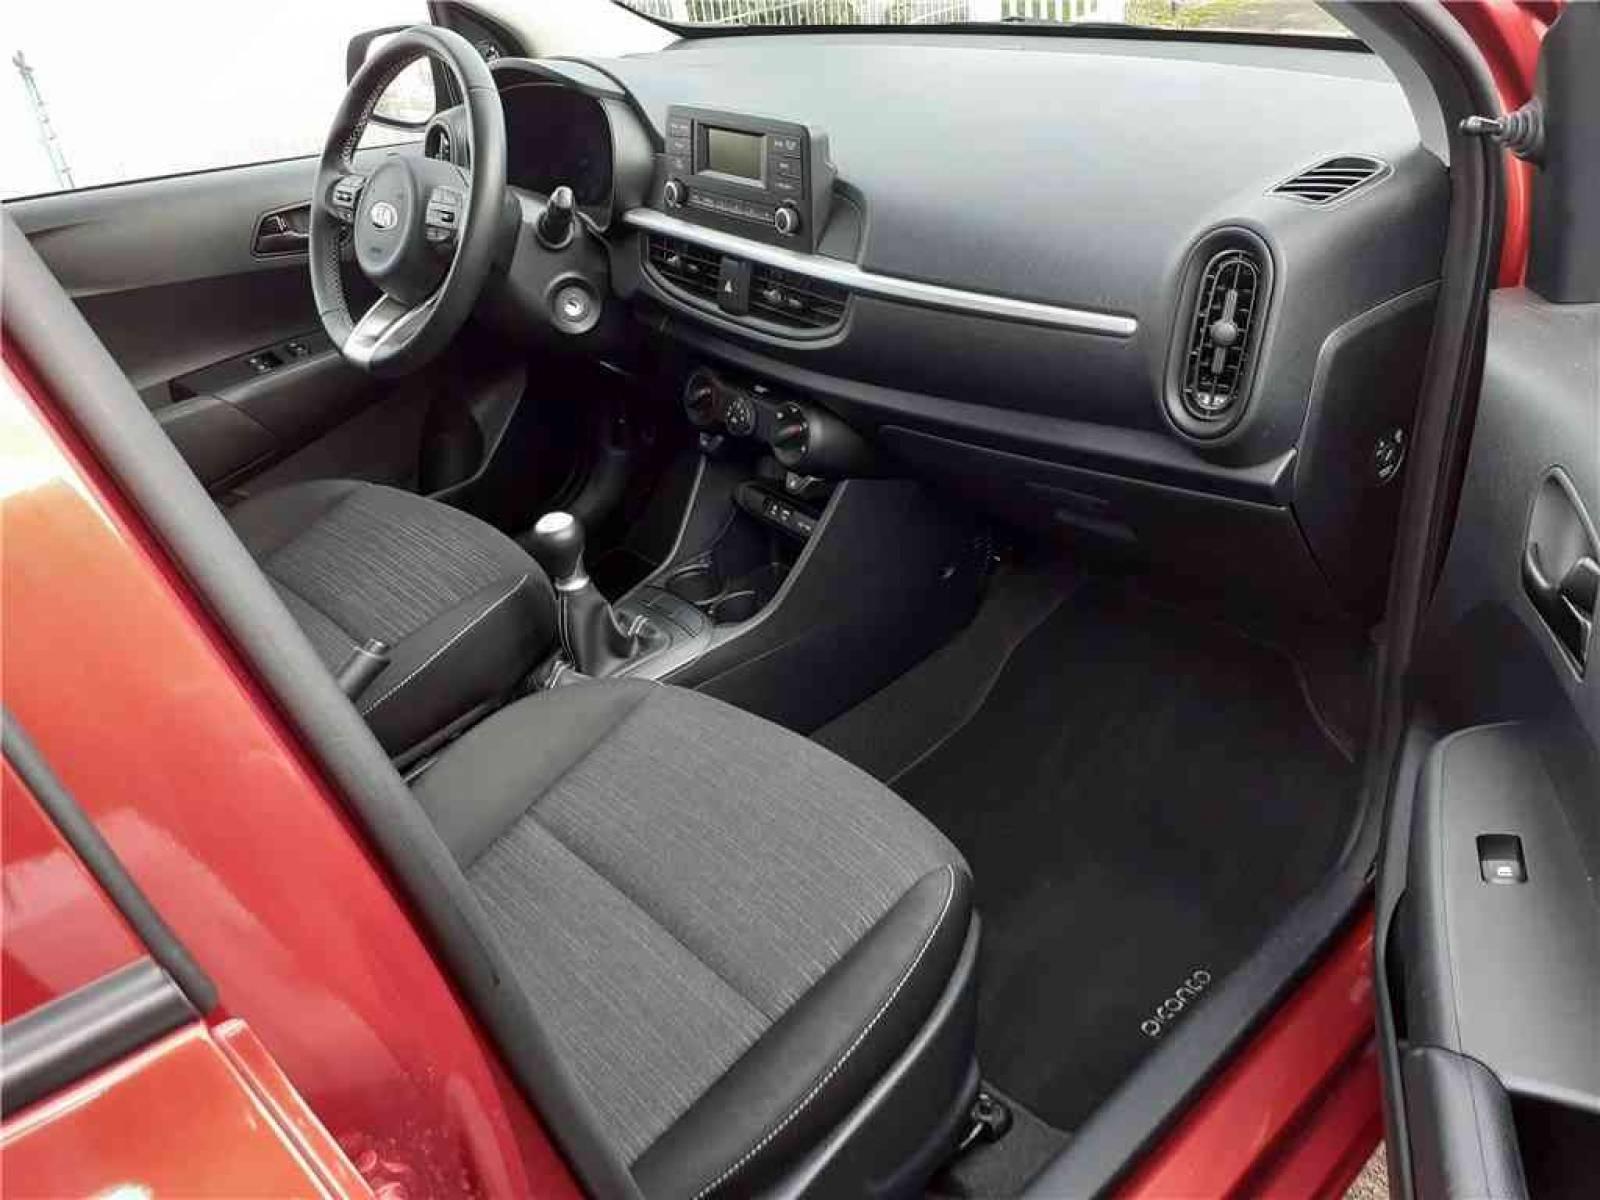 KIA Picanto 1.0 essence MPi 67 ch BVM5 - véhicule d'occasion - Groupe Guillet - Hall de l'automobile - Montceau les Mines - 71300 - Montceau-les-Mines - 11